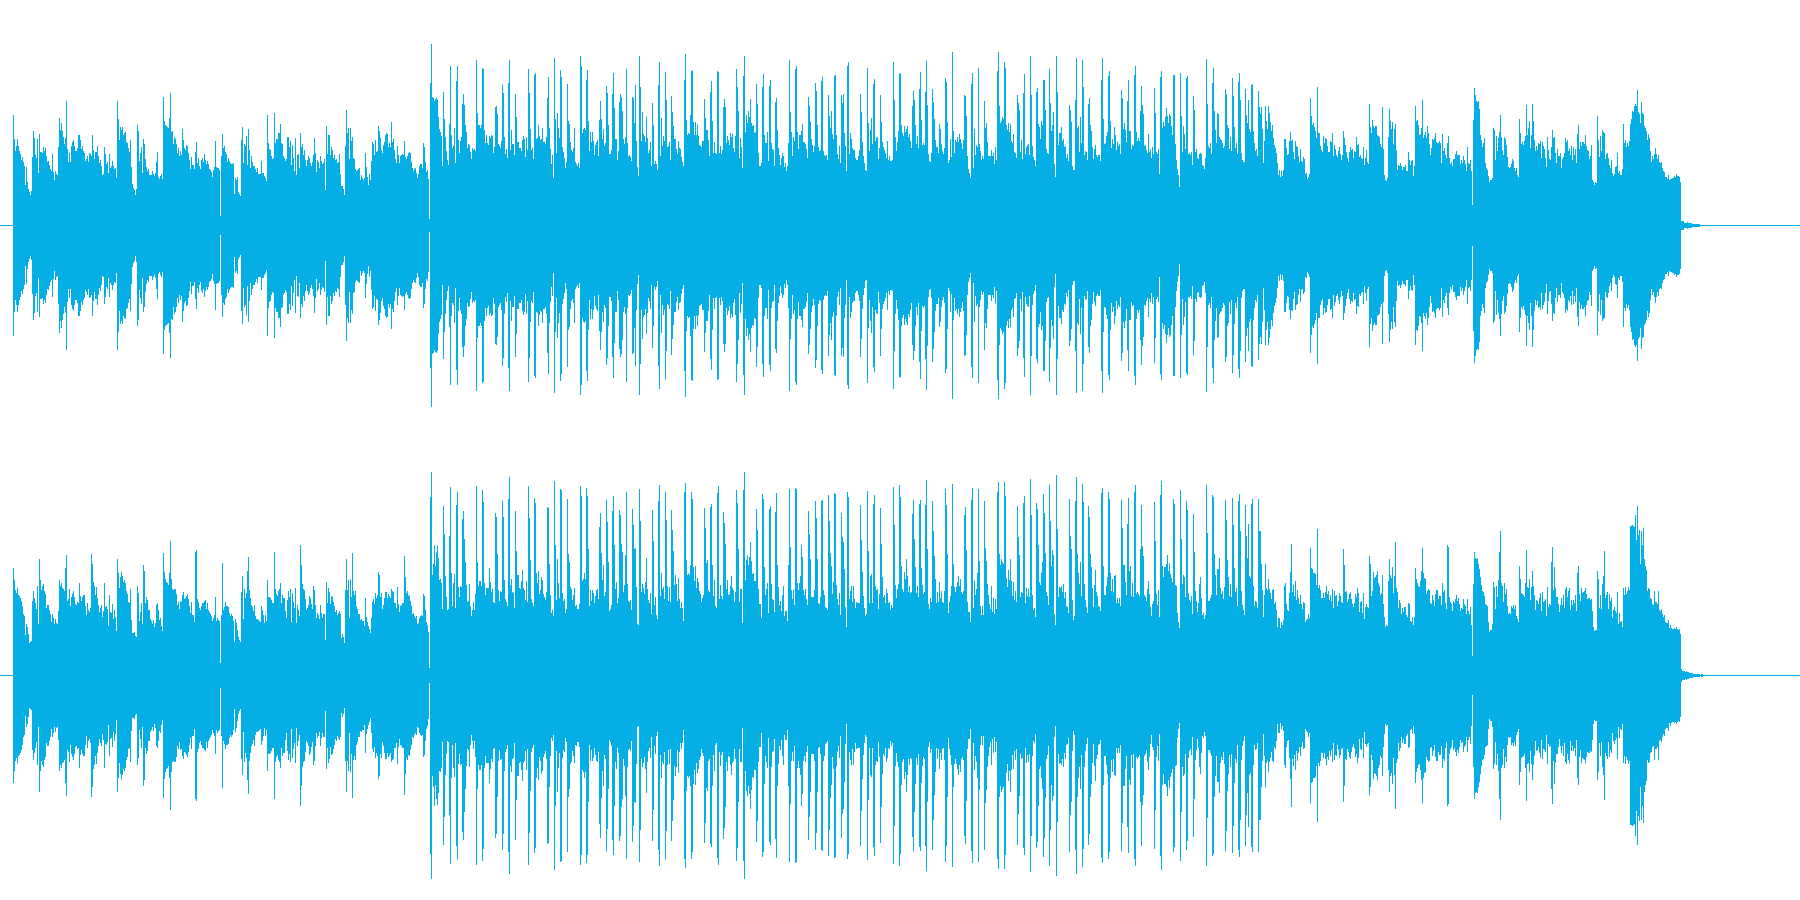 南国のエスニックなワールド系テクノポップの再生済みの波形